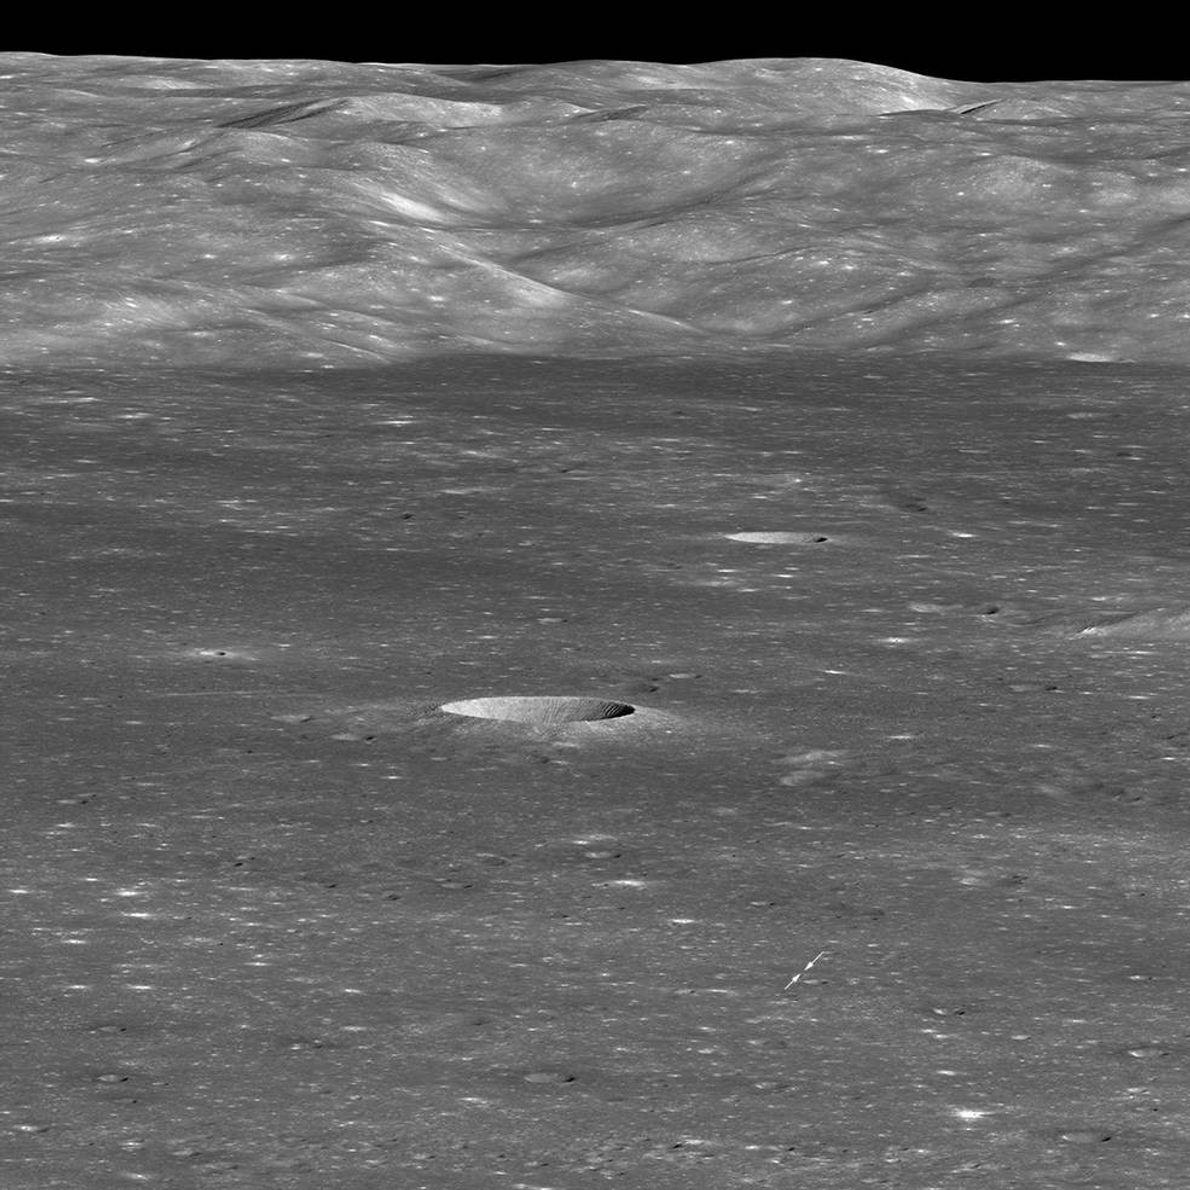 El 30 de enero, el Lunar Reconnaissance Orbiter de la NASA capturó el vehículo de aterrizaje ...